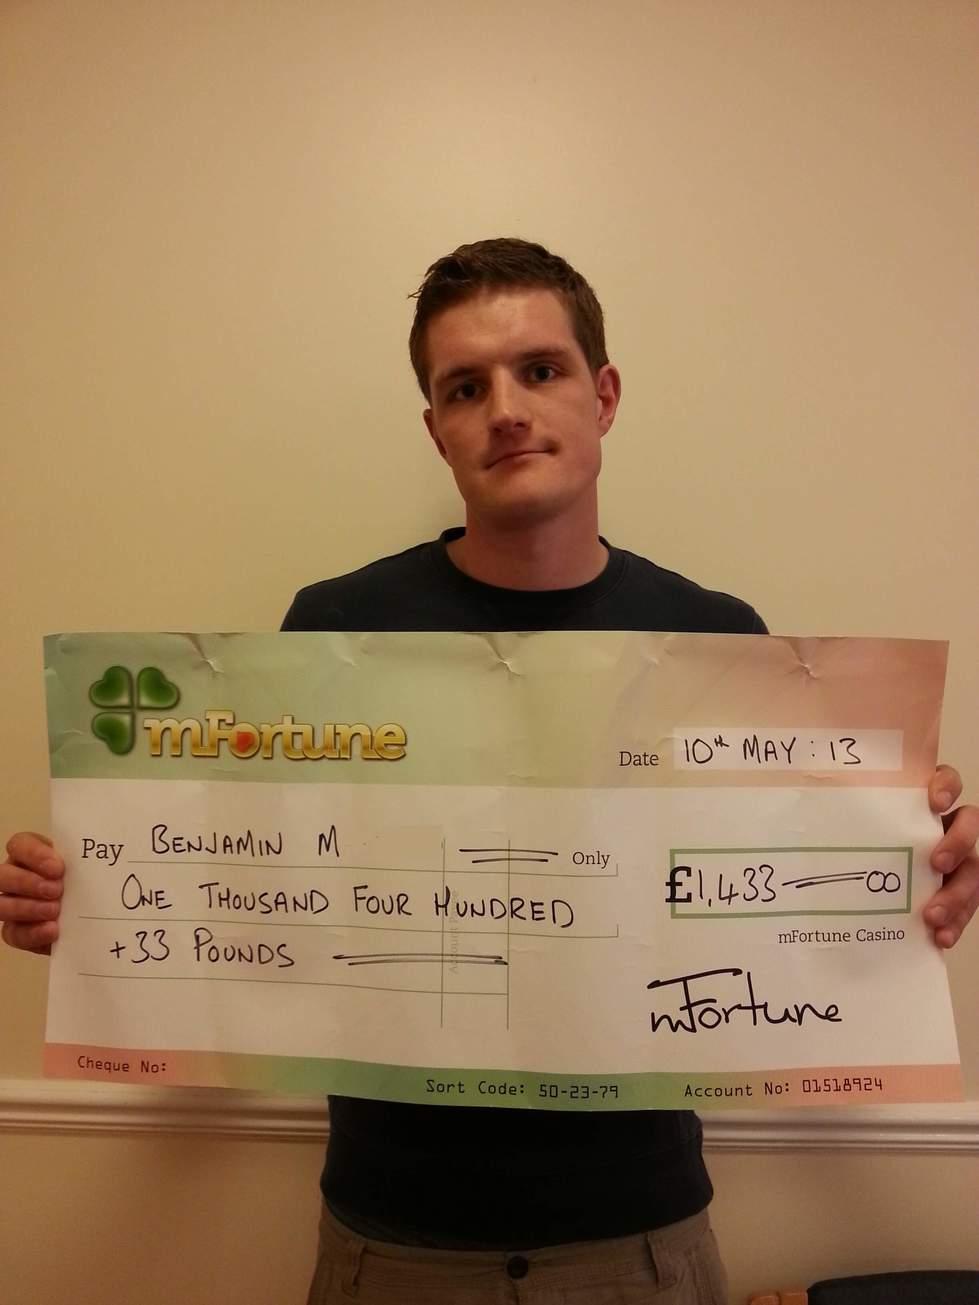 Benjamin M won £ 1,433